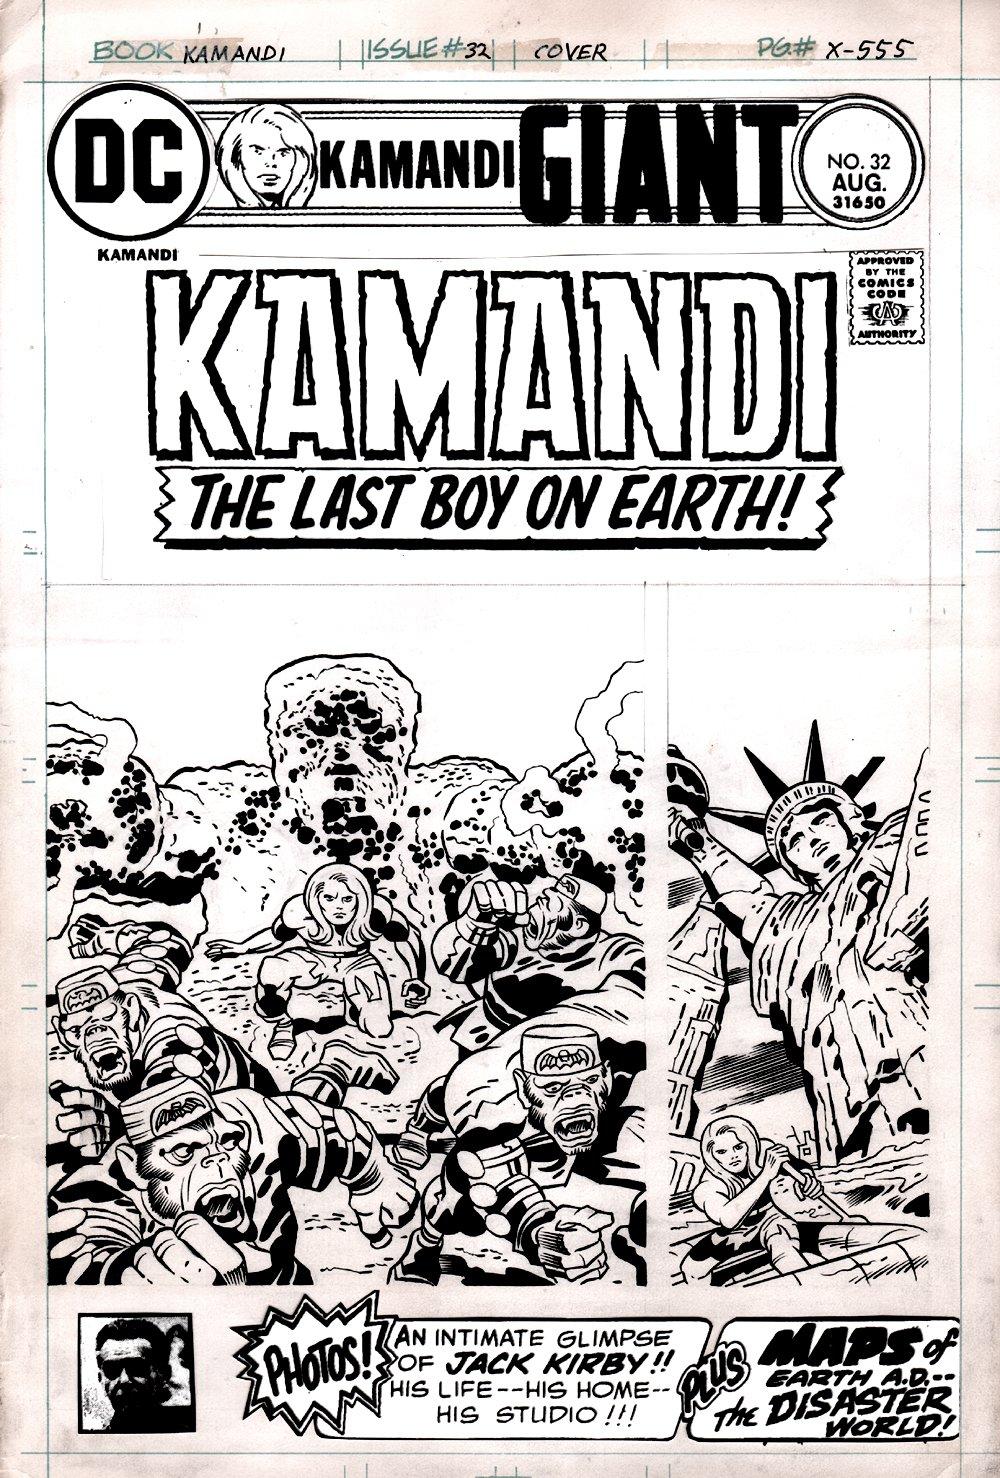 Kamandi #32 Cover (KAMANDI #1 COVER HOMAGE!) 1975